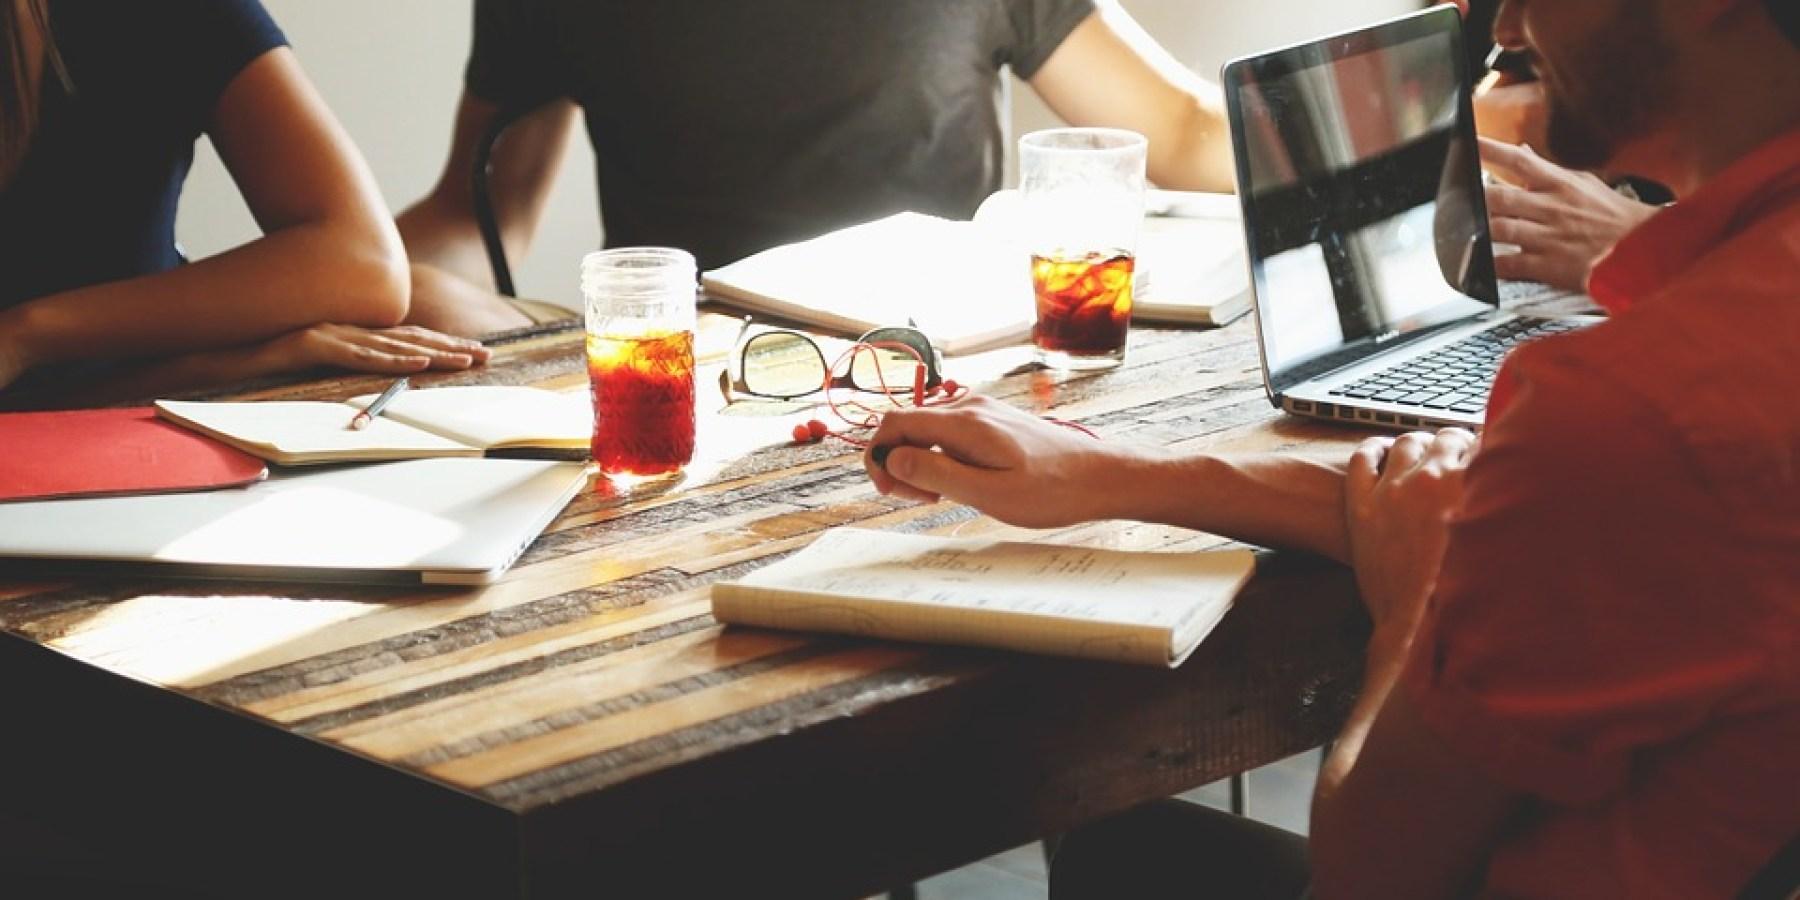 Homeoffice: Effektiver und entspannter arbeiten